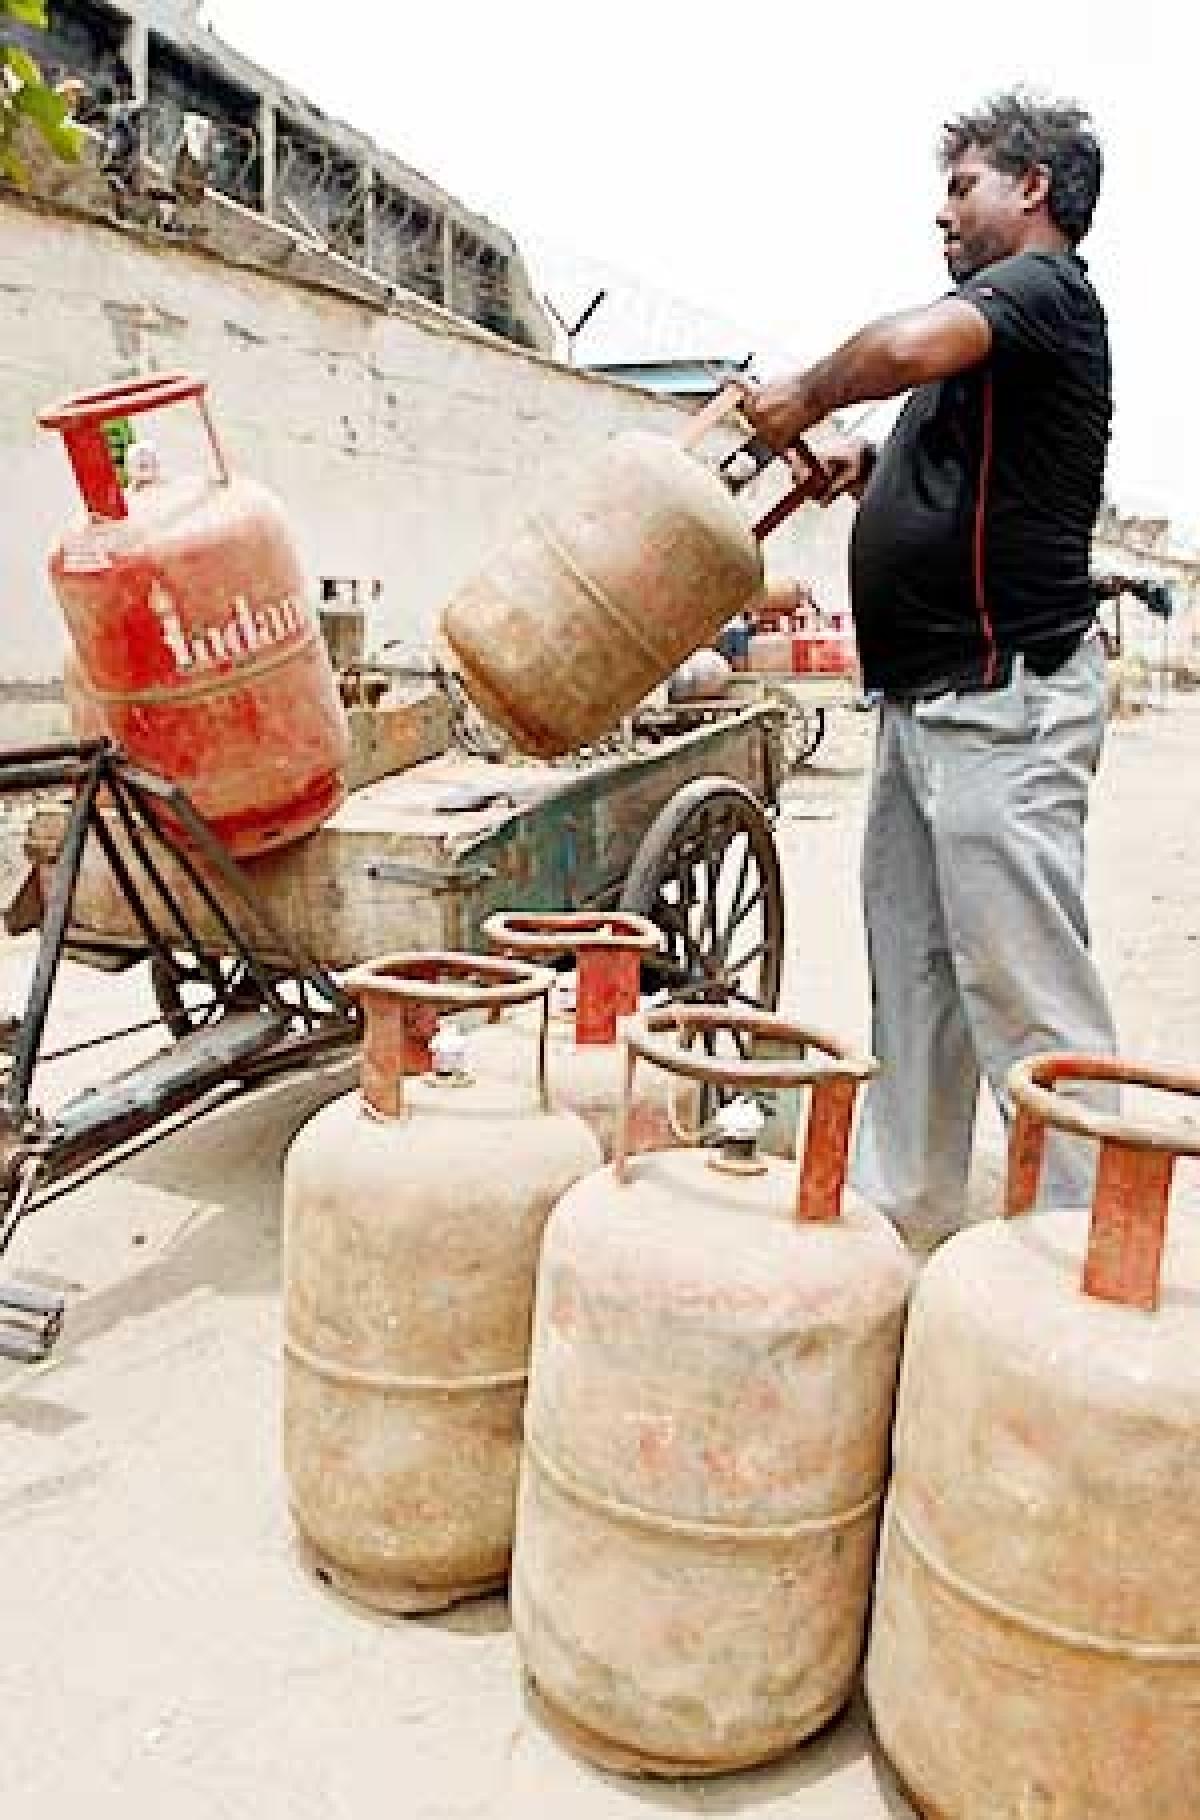 No hike of LPG, kerosene prices: Ministry